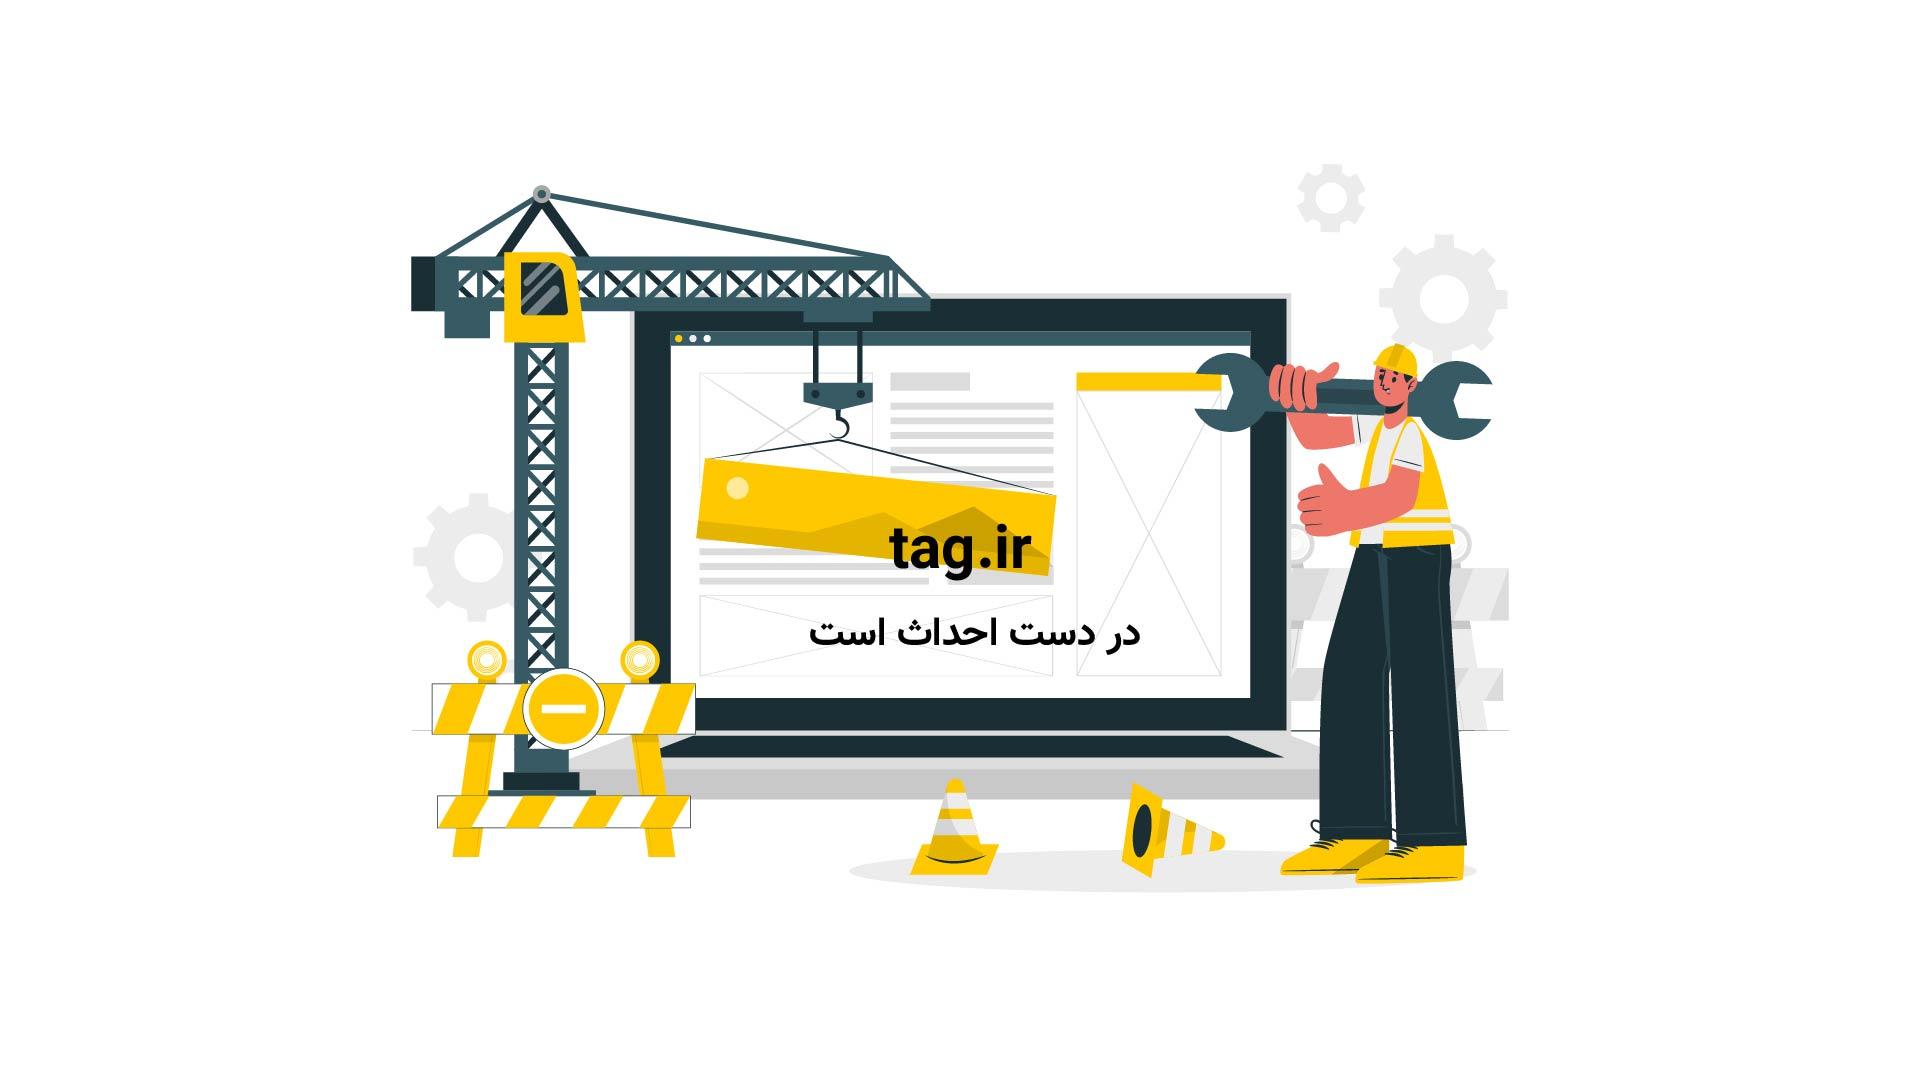 تکنیک نقاشی با آبرنگ؛ آموزش تصویر پردازی از زیر دریا | فیلم